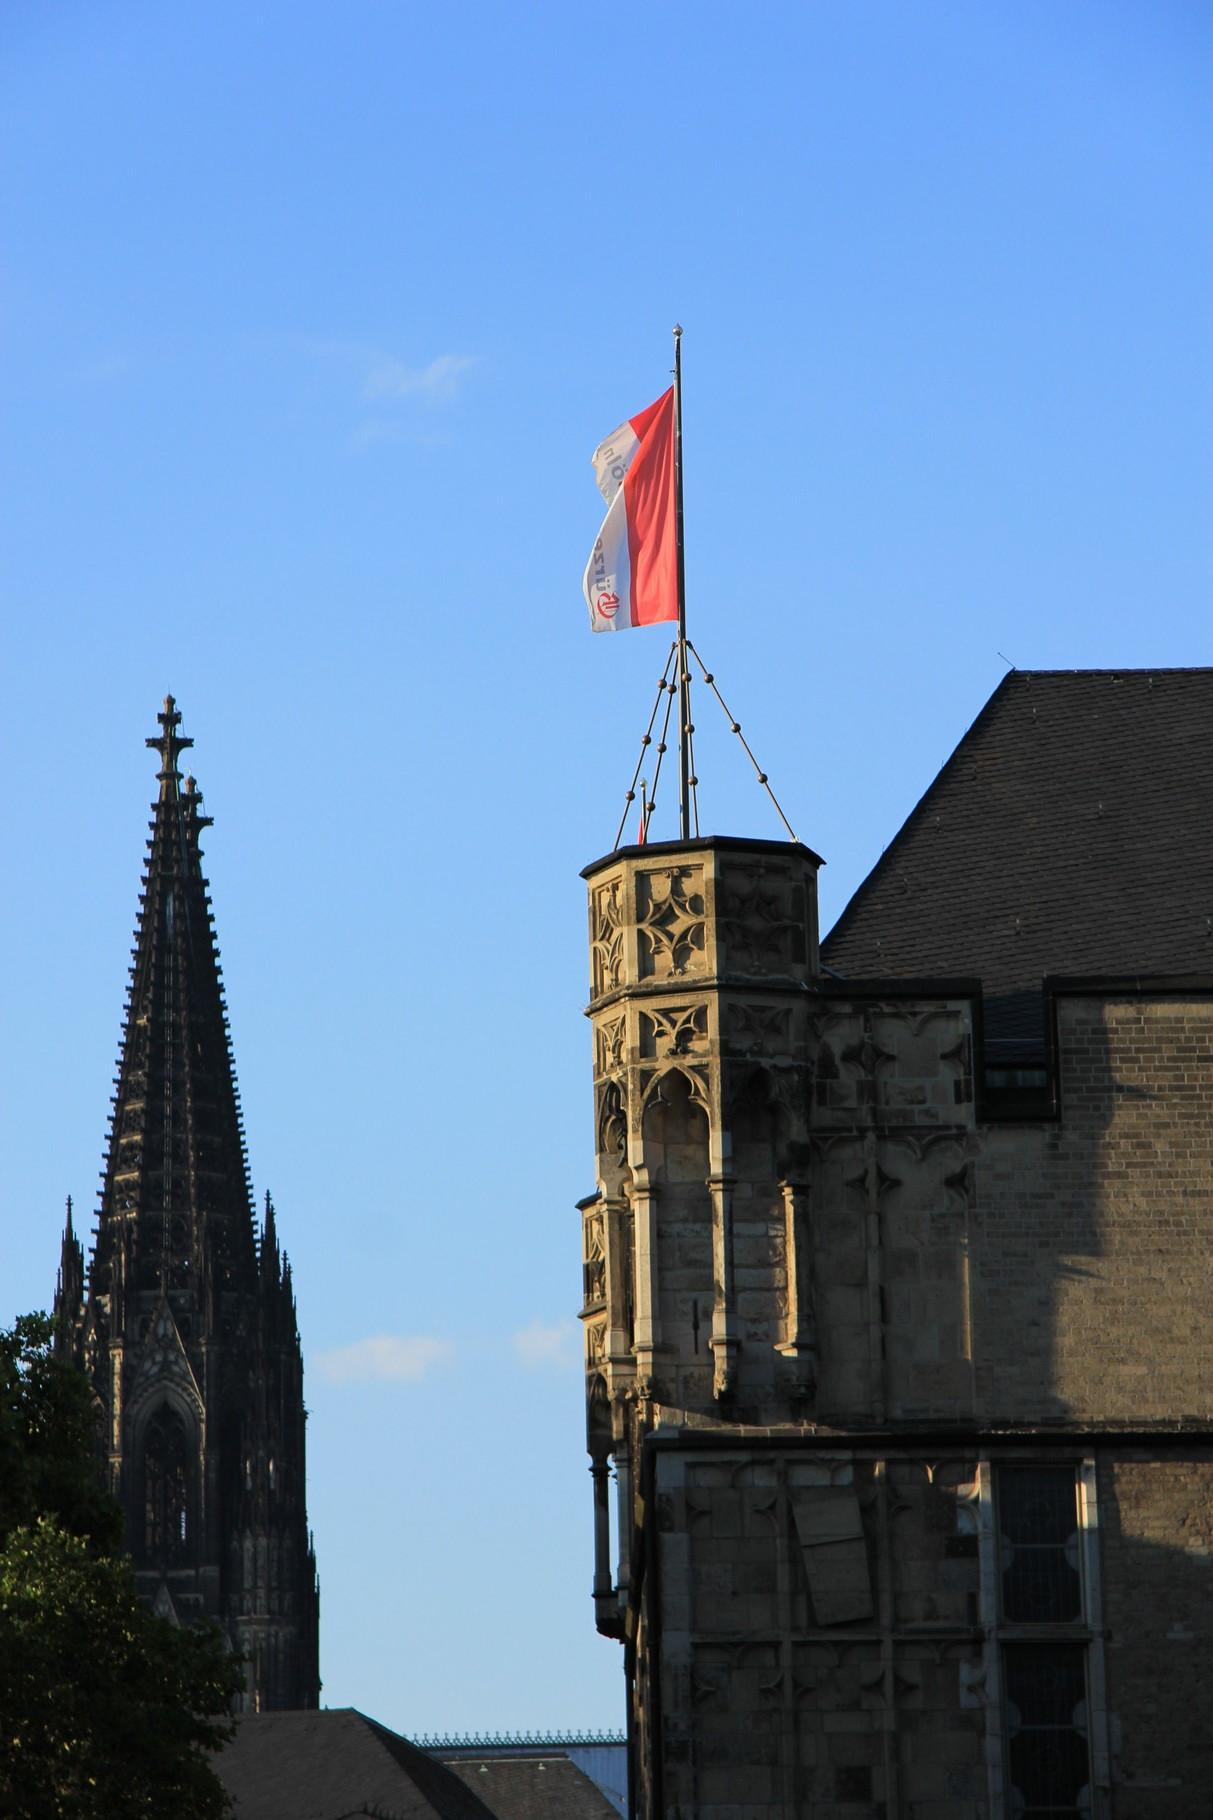 Das Beste, was man im Mittelalter plante: Domtürme und Gürzenich